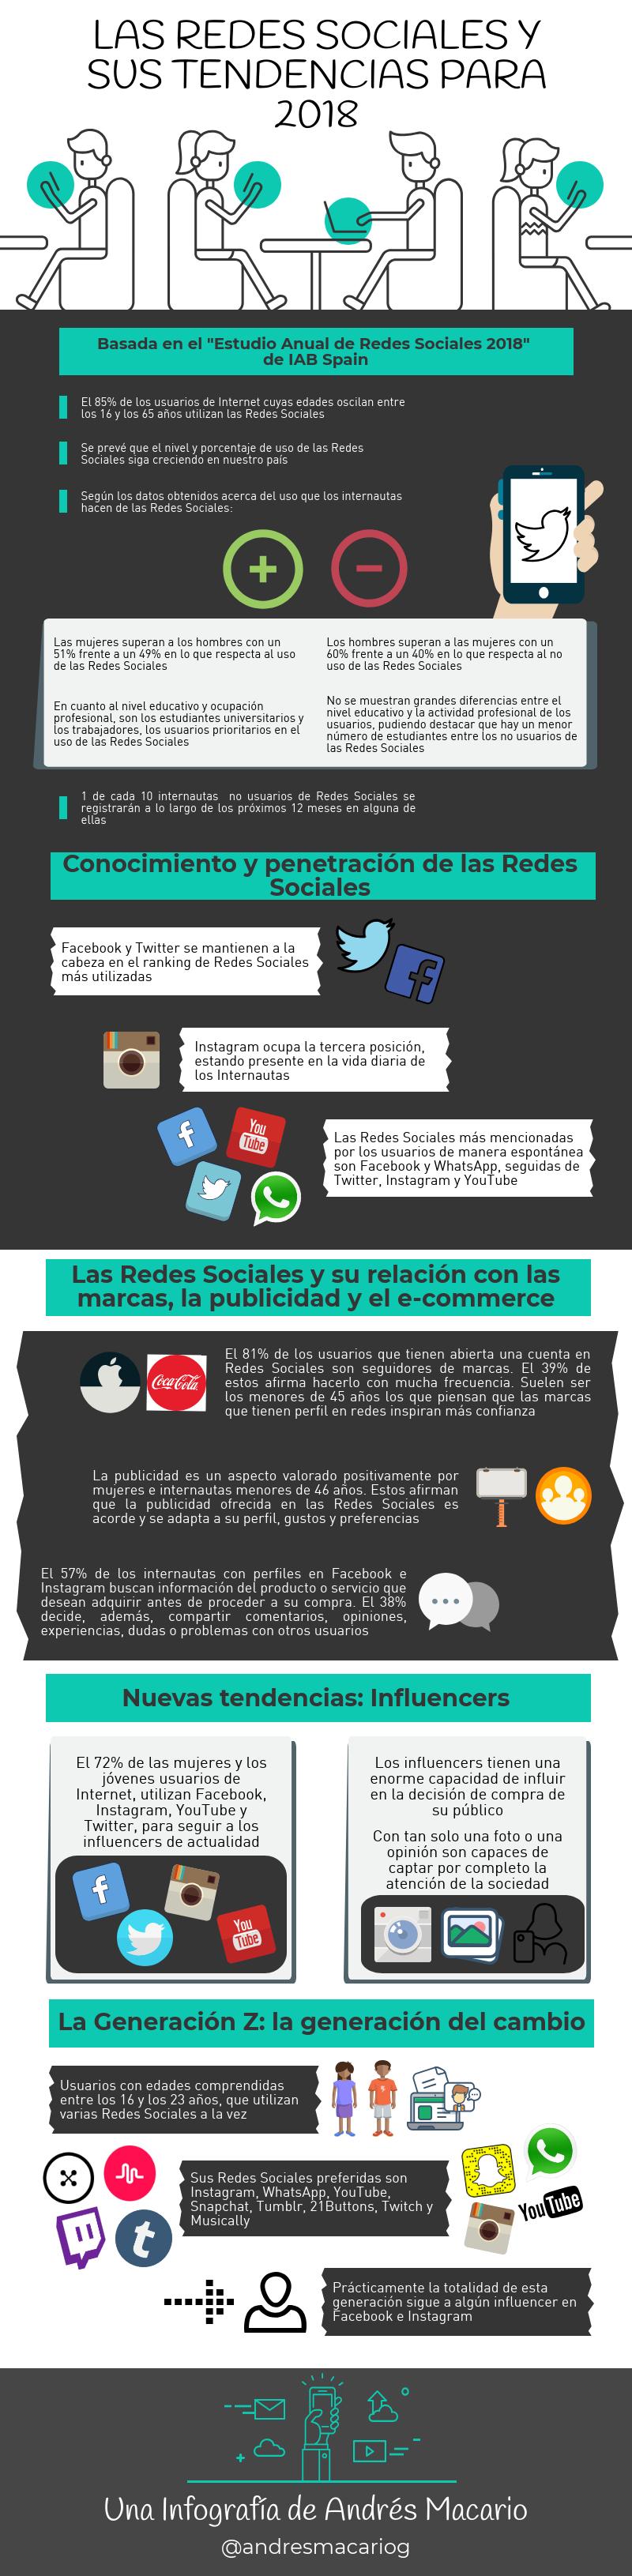 Nuevas tendencias en redes sociales - infografía Andrés Macario